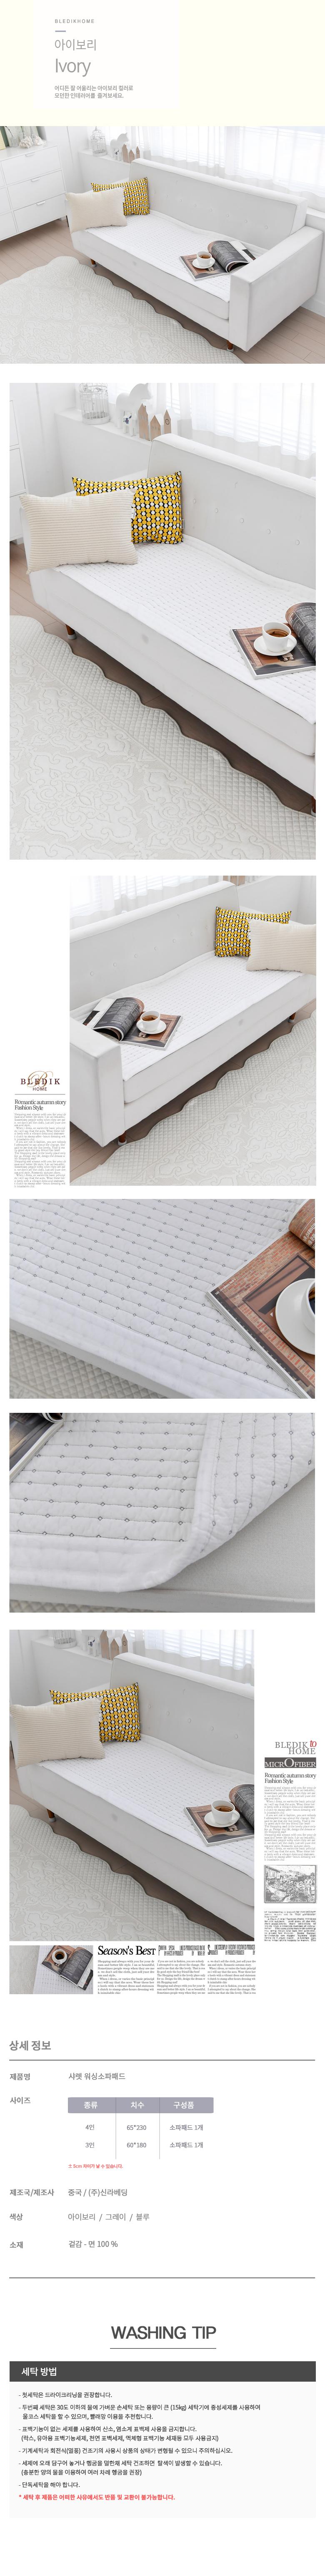 샤렛 워싱소파패드 - 블레딕홈, 99,000원, 방석, 소파패드